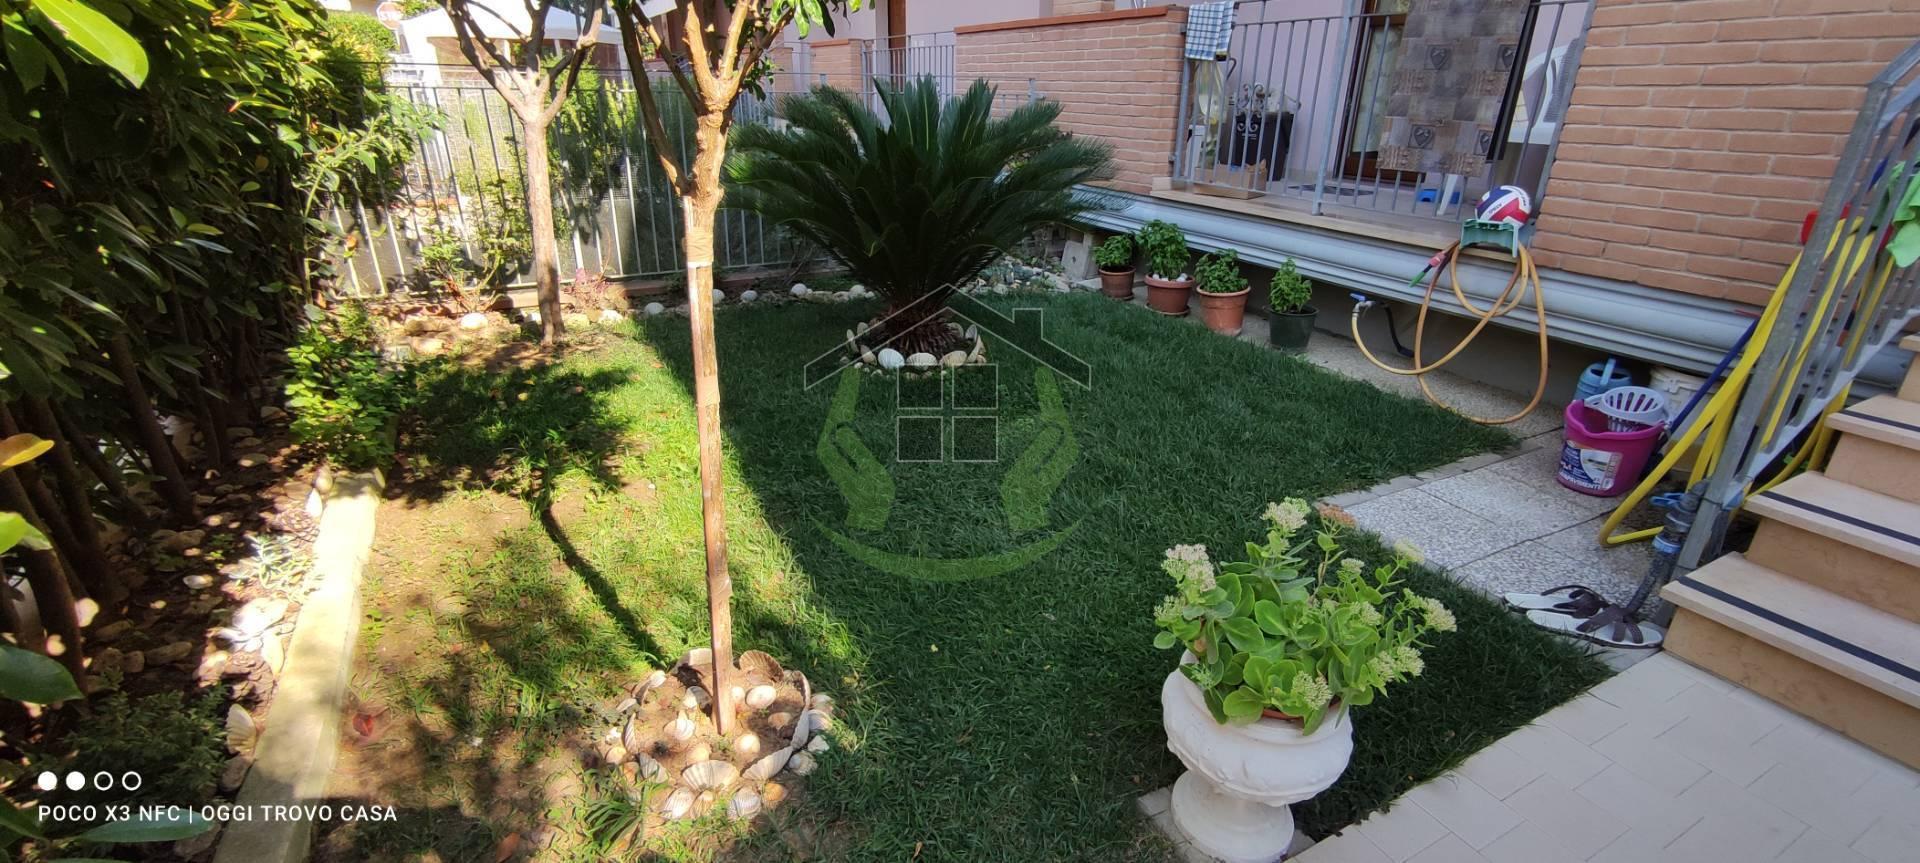 Appartamento in vendita a Giulianova, 5 locali, zona Località: VillaPozzoni, prezzo € 199.000 | PortaleAgenzieImmobiliari.it